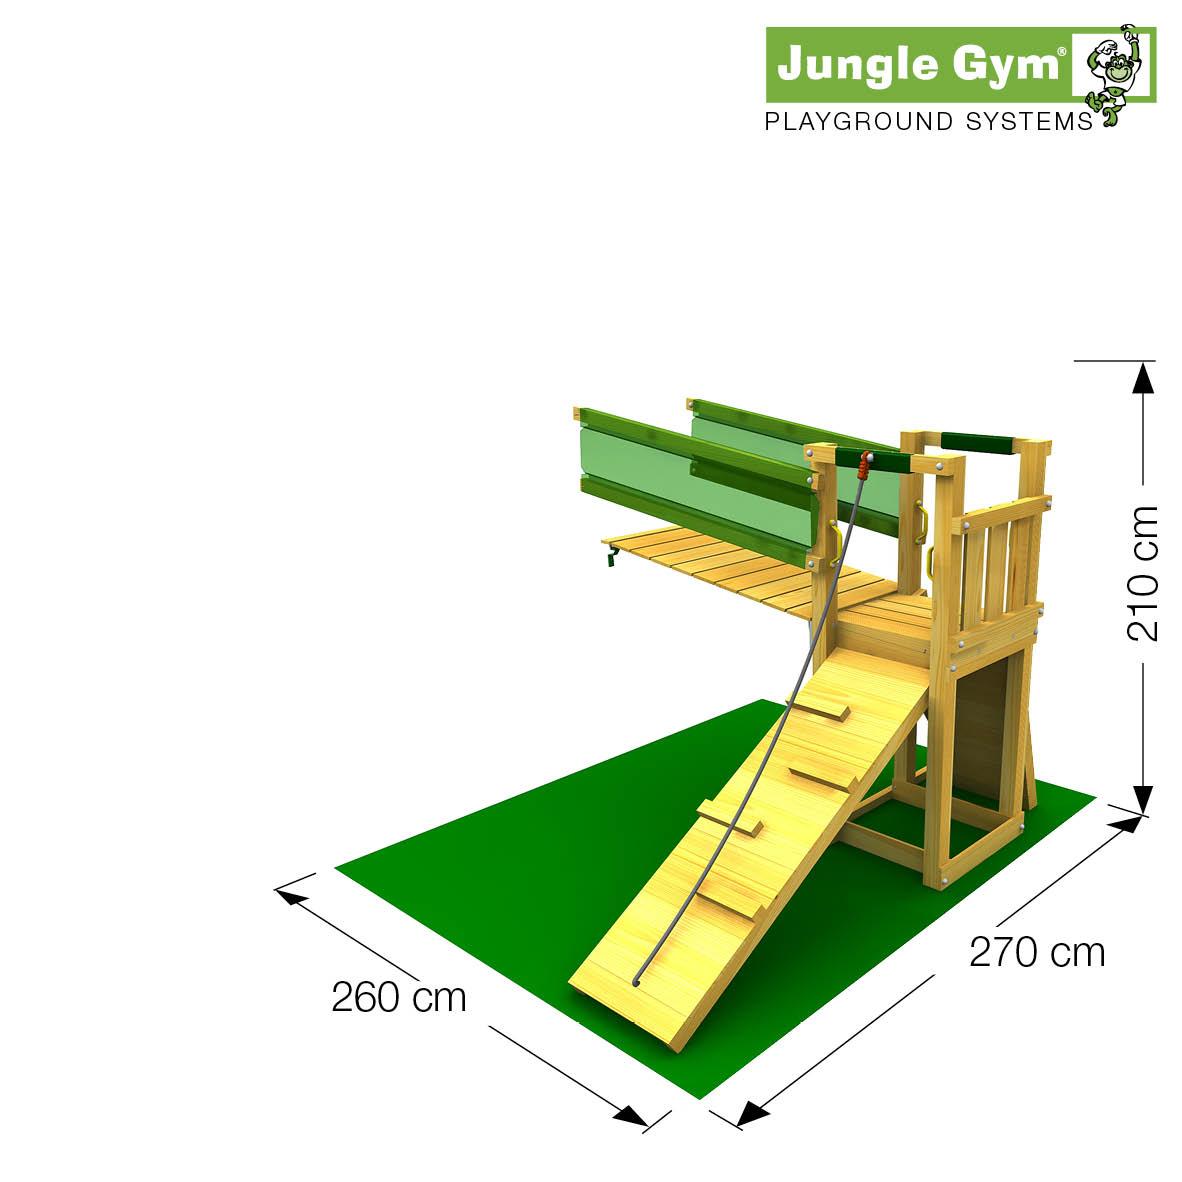 850_240_1581_Bridge_Module_10x10